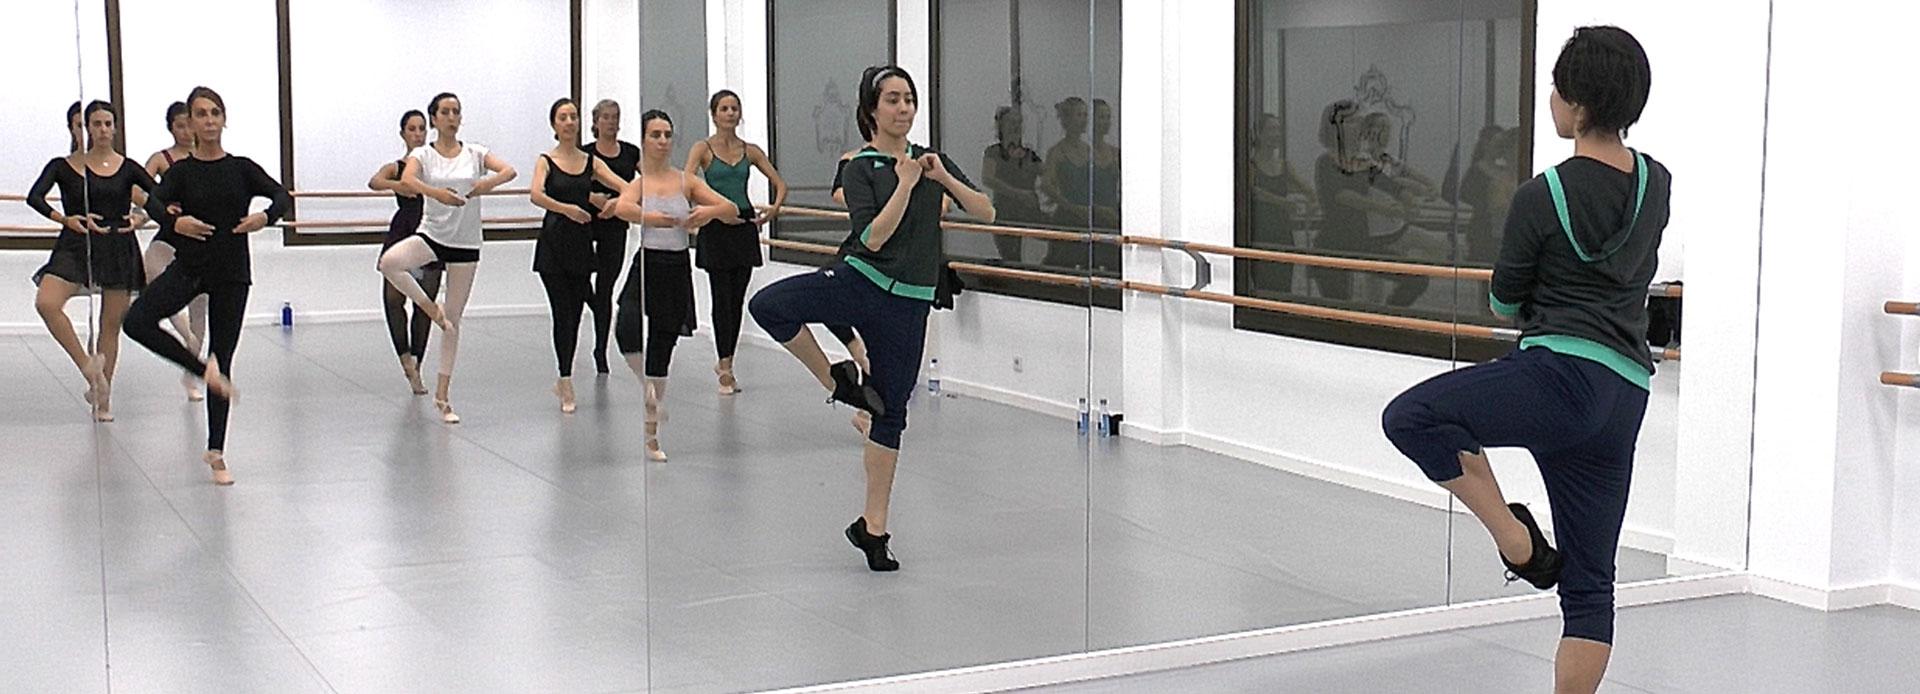 clases de ballet avanzado Madrid